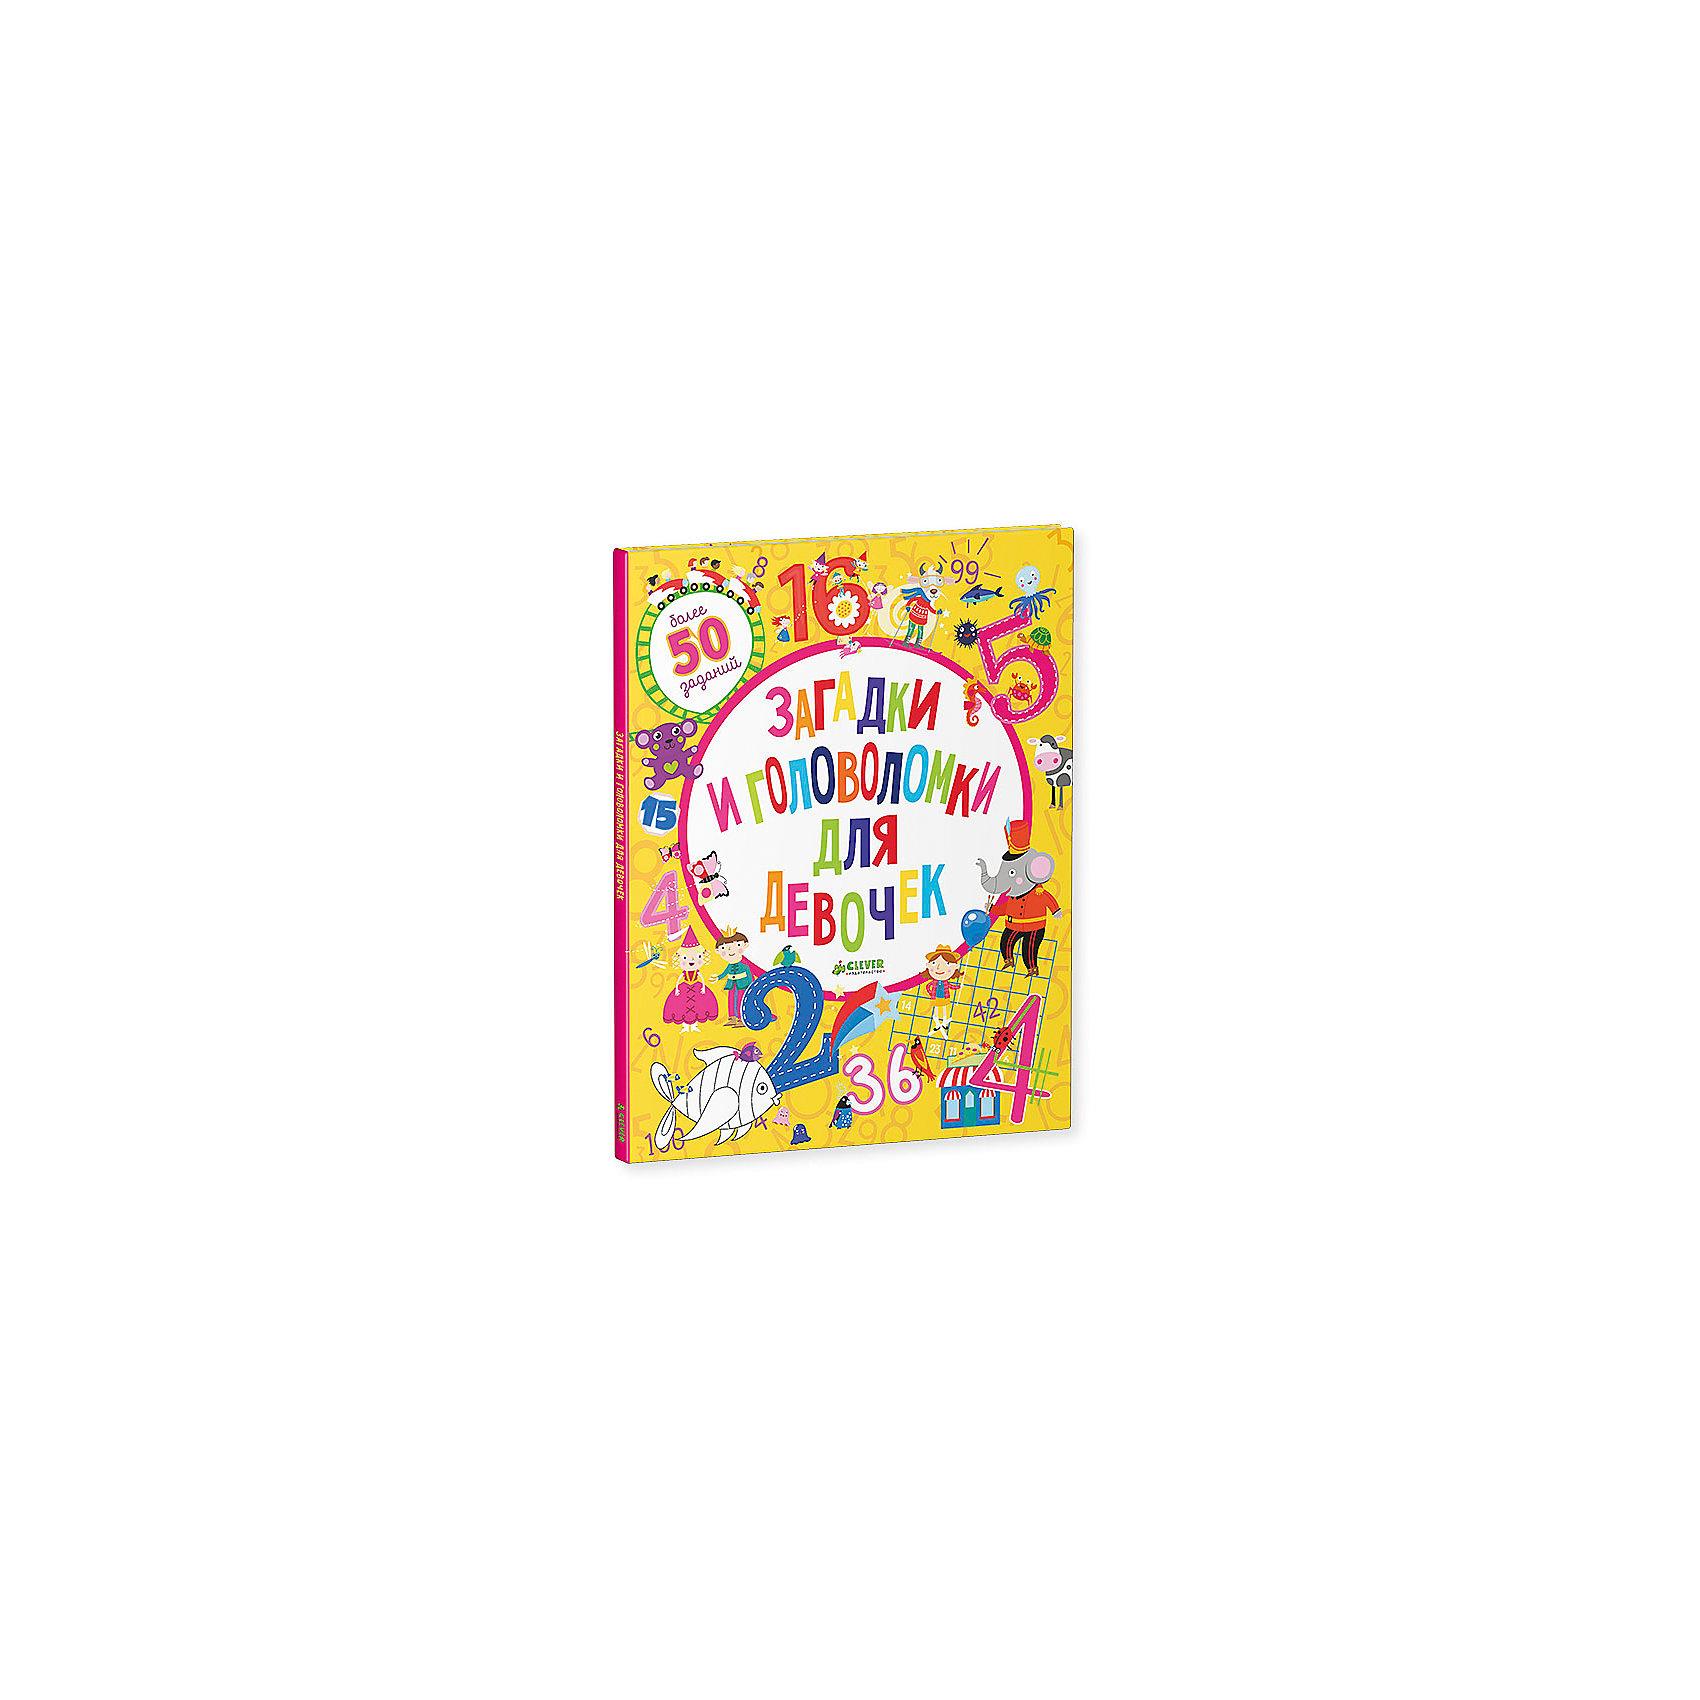 Загадки и головоломки для девочек, Уилсон БеккиПотешки, скороговорки, загадки<br>Характеристики загадок и головоломок для девочек:<br><br>• возраст: от 4 лет<br>• пол: для девочек<br>• материал: картон, бумага.<br>• количество страниц: 64<br>• размер книги: 22х29 см.<br>• тип обложки: твердый.<br>• иллюстрации: цветные.<br>• автор: Уилсон Бекки<br>• бренд: издательство Clever<br>• страна обладатель бренда: Россия.<br><br>В этой книжке собрано более 50 увлекательных игр и заданий с числами. Здесь ты найдёшь различные судоку, логические задачи, лабиринты, соедини по точкам и многое-многое другое. Вооружись карандашами, фломастерами и погрузись в потрясающий мир головоломок!<br><br>Загадки и головоломки для девочек издательства Clever можно купить в нашем интернет-магазине.<br><br>Ширина мм: 270<br>Глубина мм: 215<br>Высота мм: 8<br>Вес г: 230<br>Возраст от месяцев: 84<br>Возраст до месяцев: 132<br>Пол: Женский<br>Возраст: Детский<br>SKU: 5377843